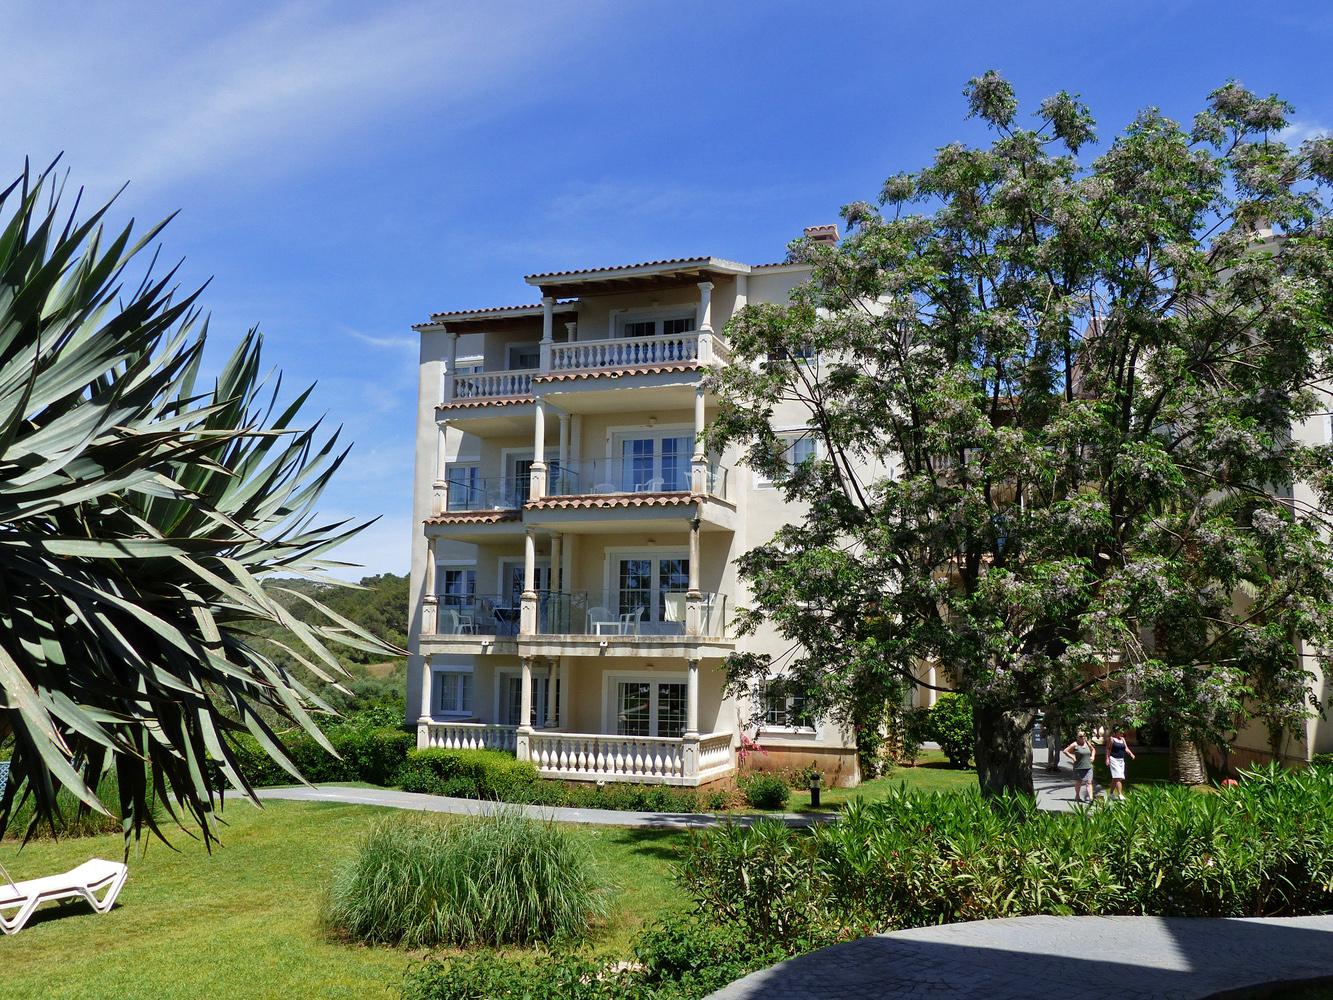 Son bou jardin de menorca hotel 20170516 130138 24 rolf maltas website - Jardin de menorca ...